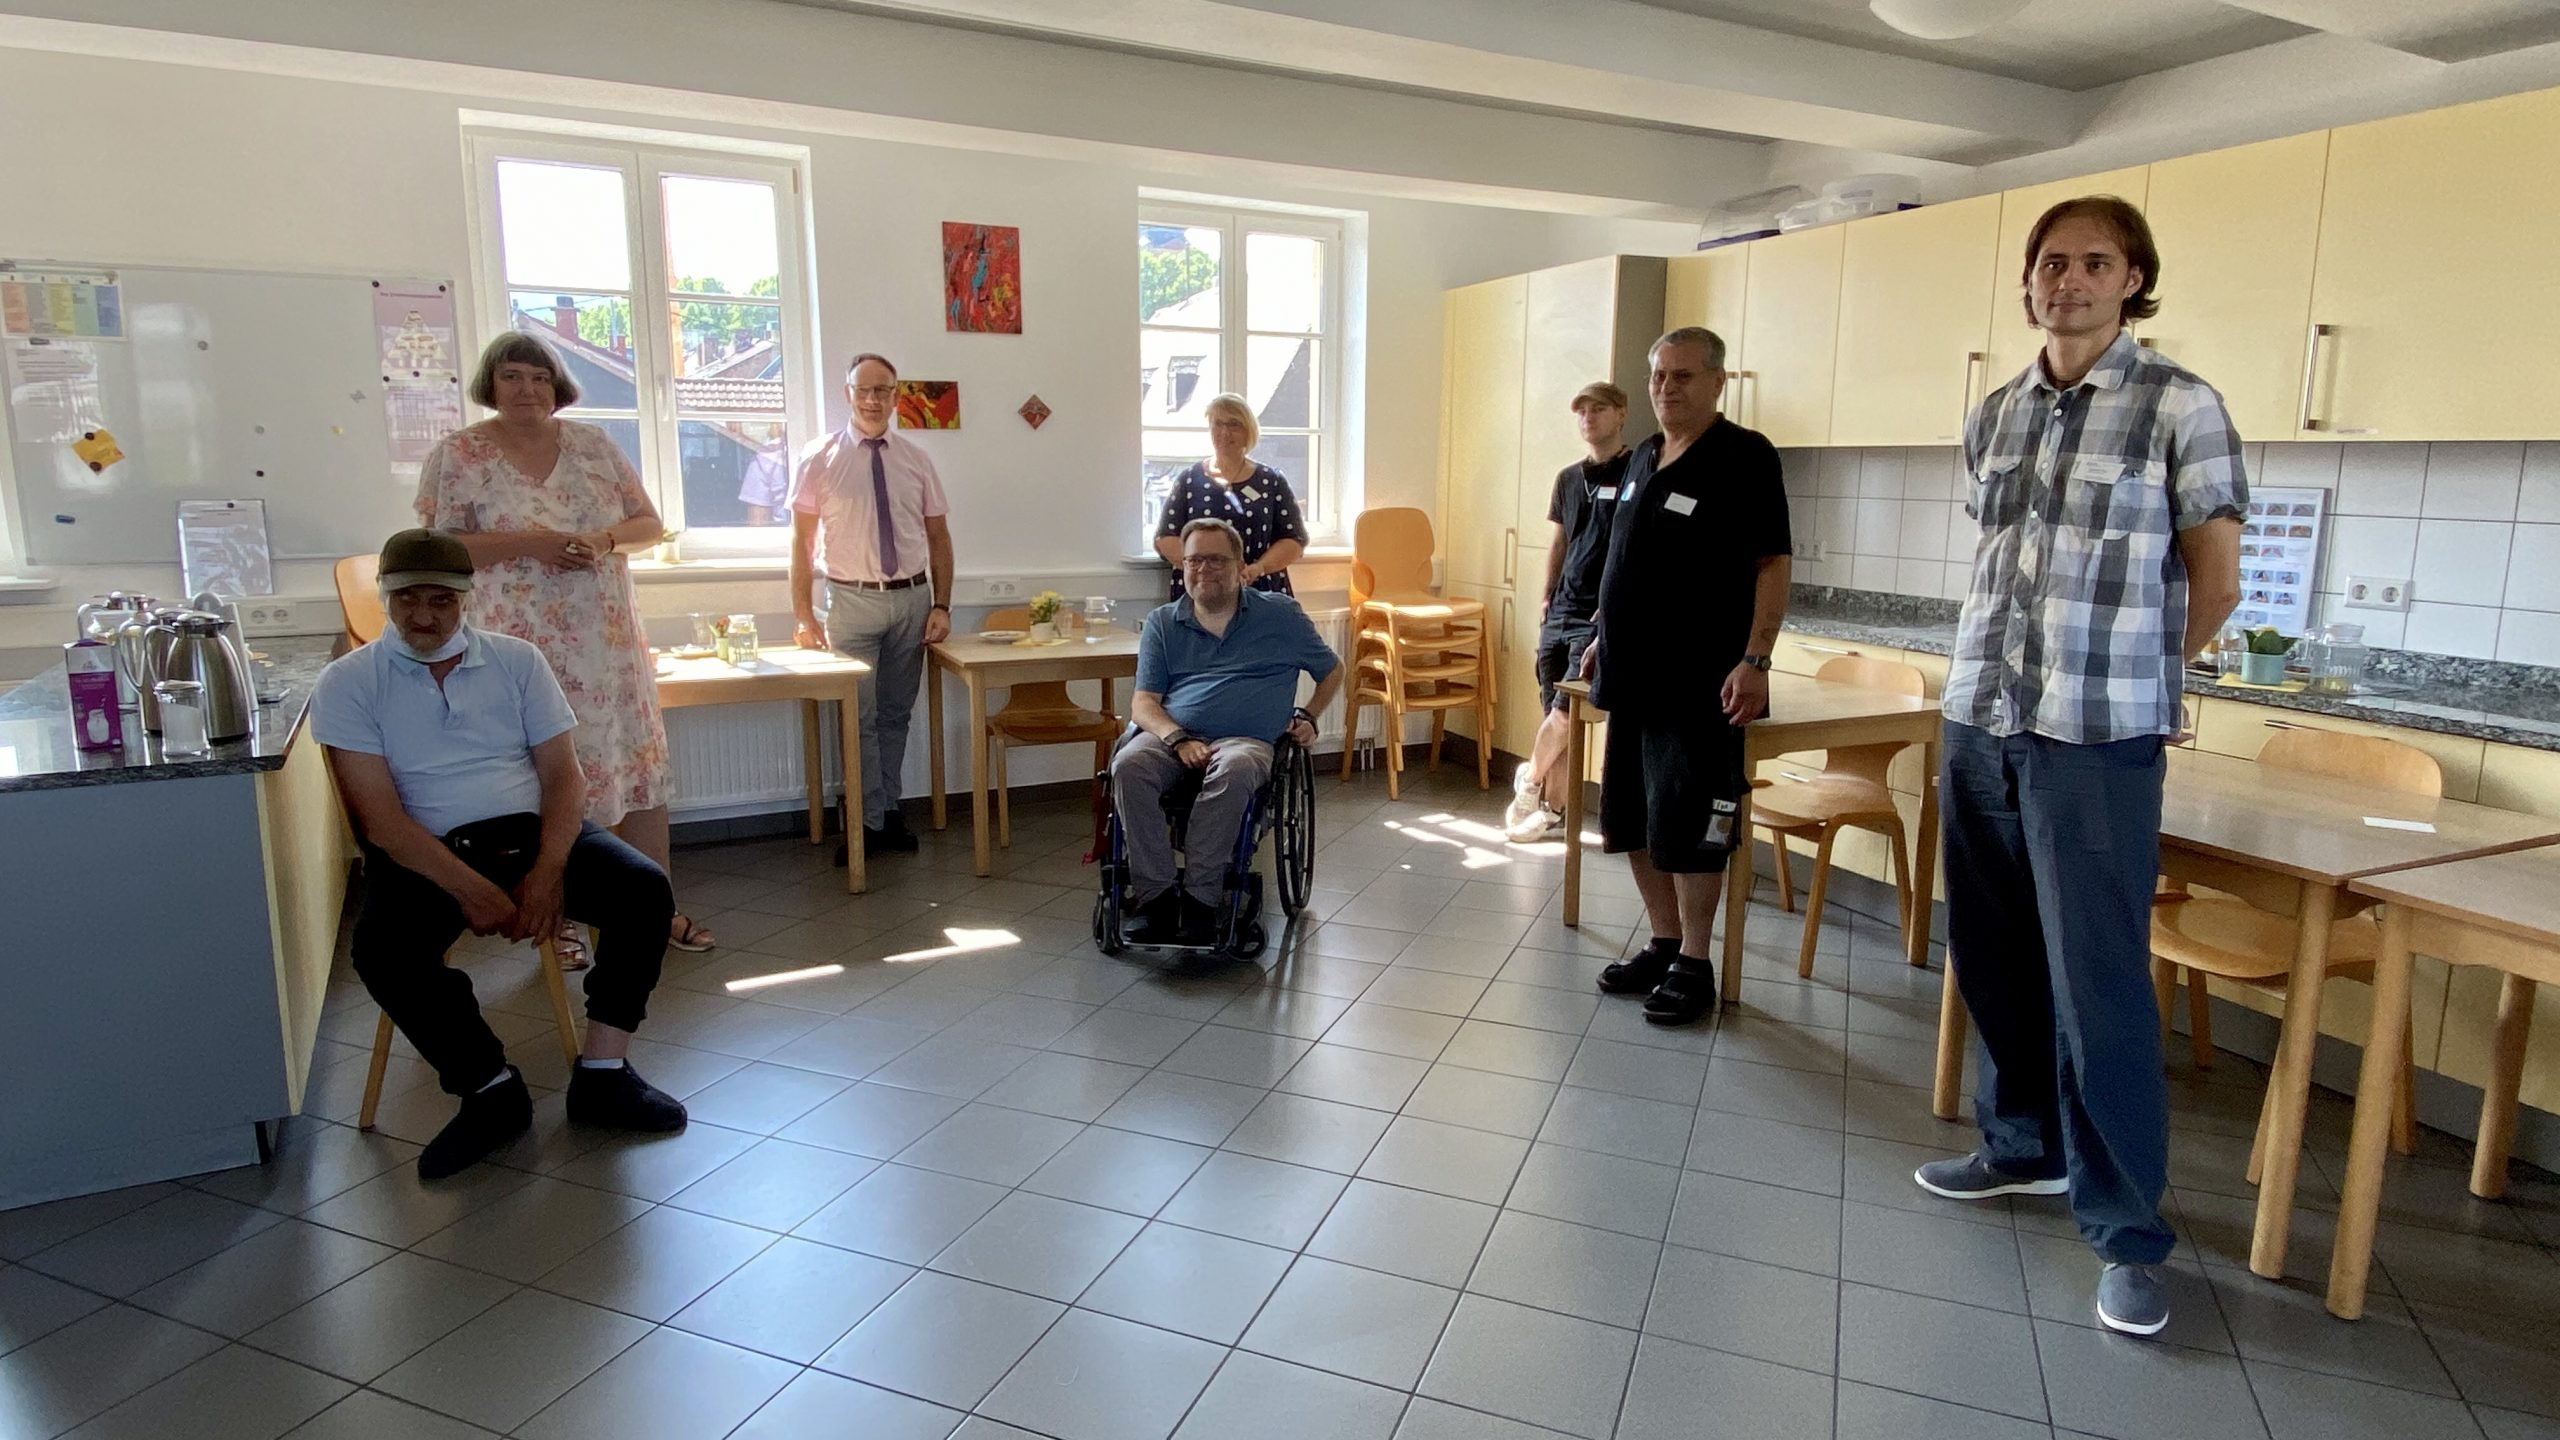 Foto von den Teilnehmerinnen und Teilnehmern vom Gespräch in der Tagesstätte